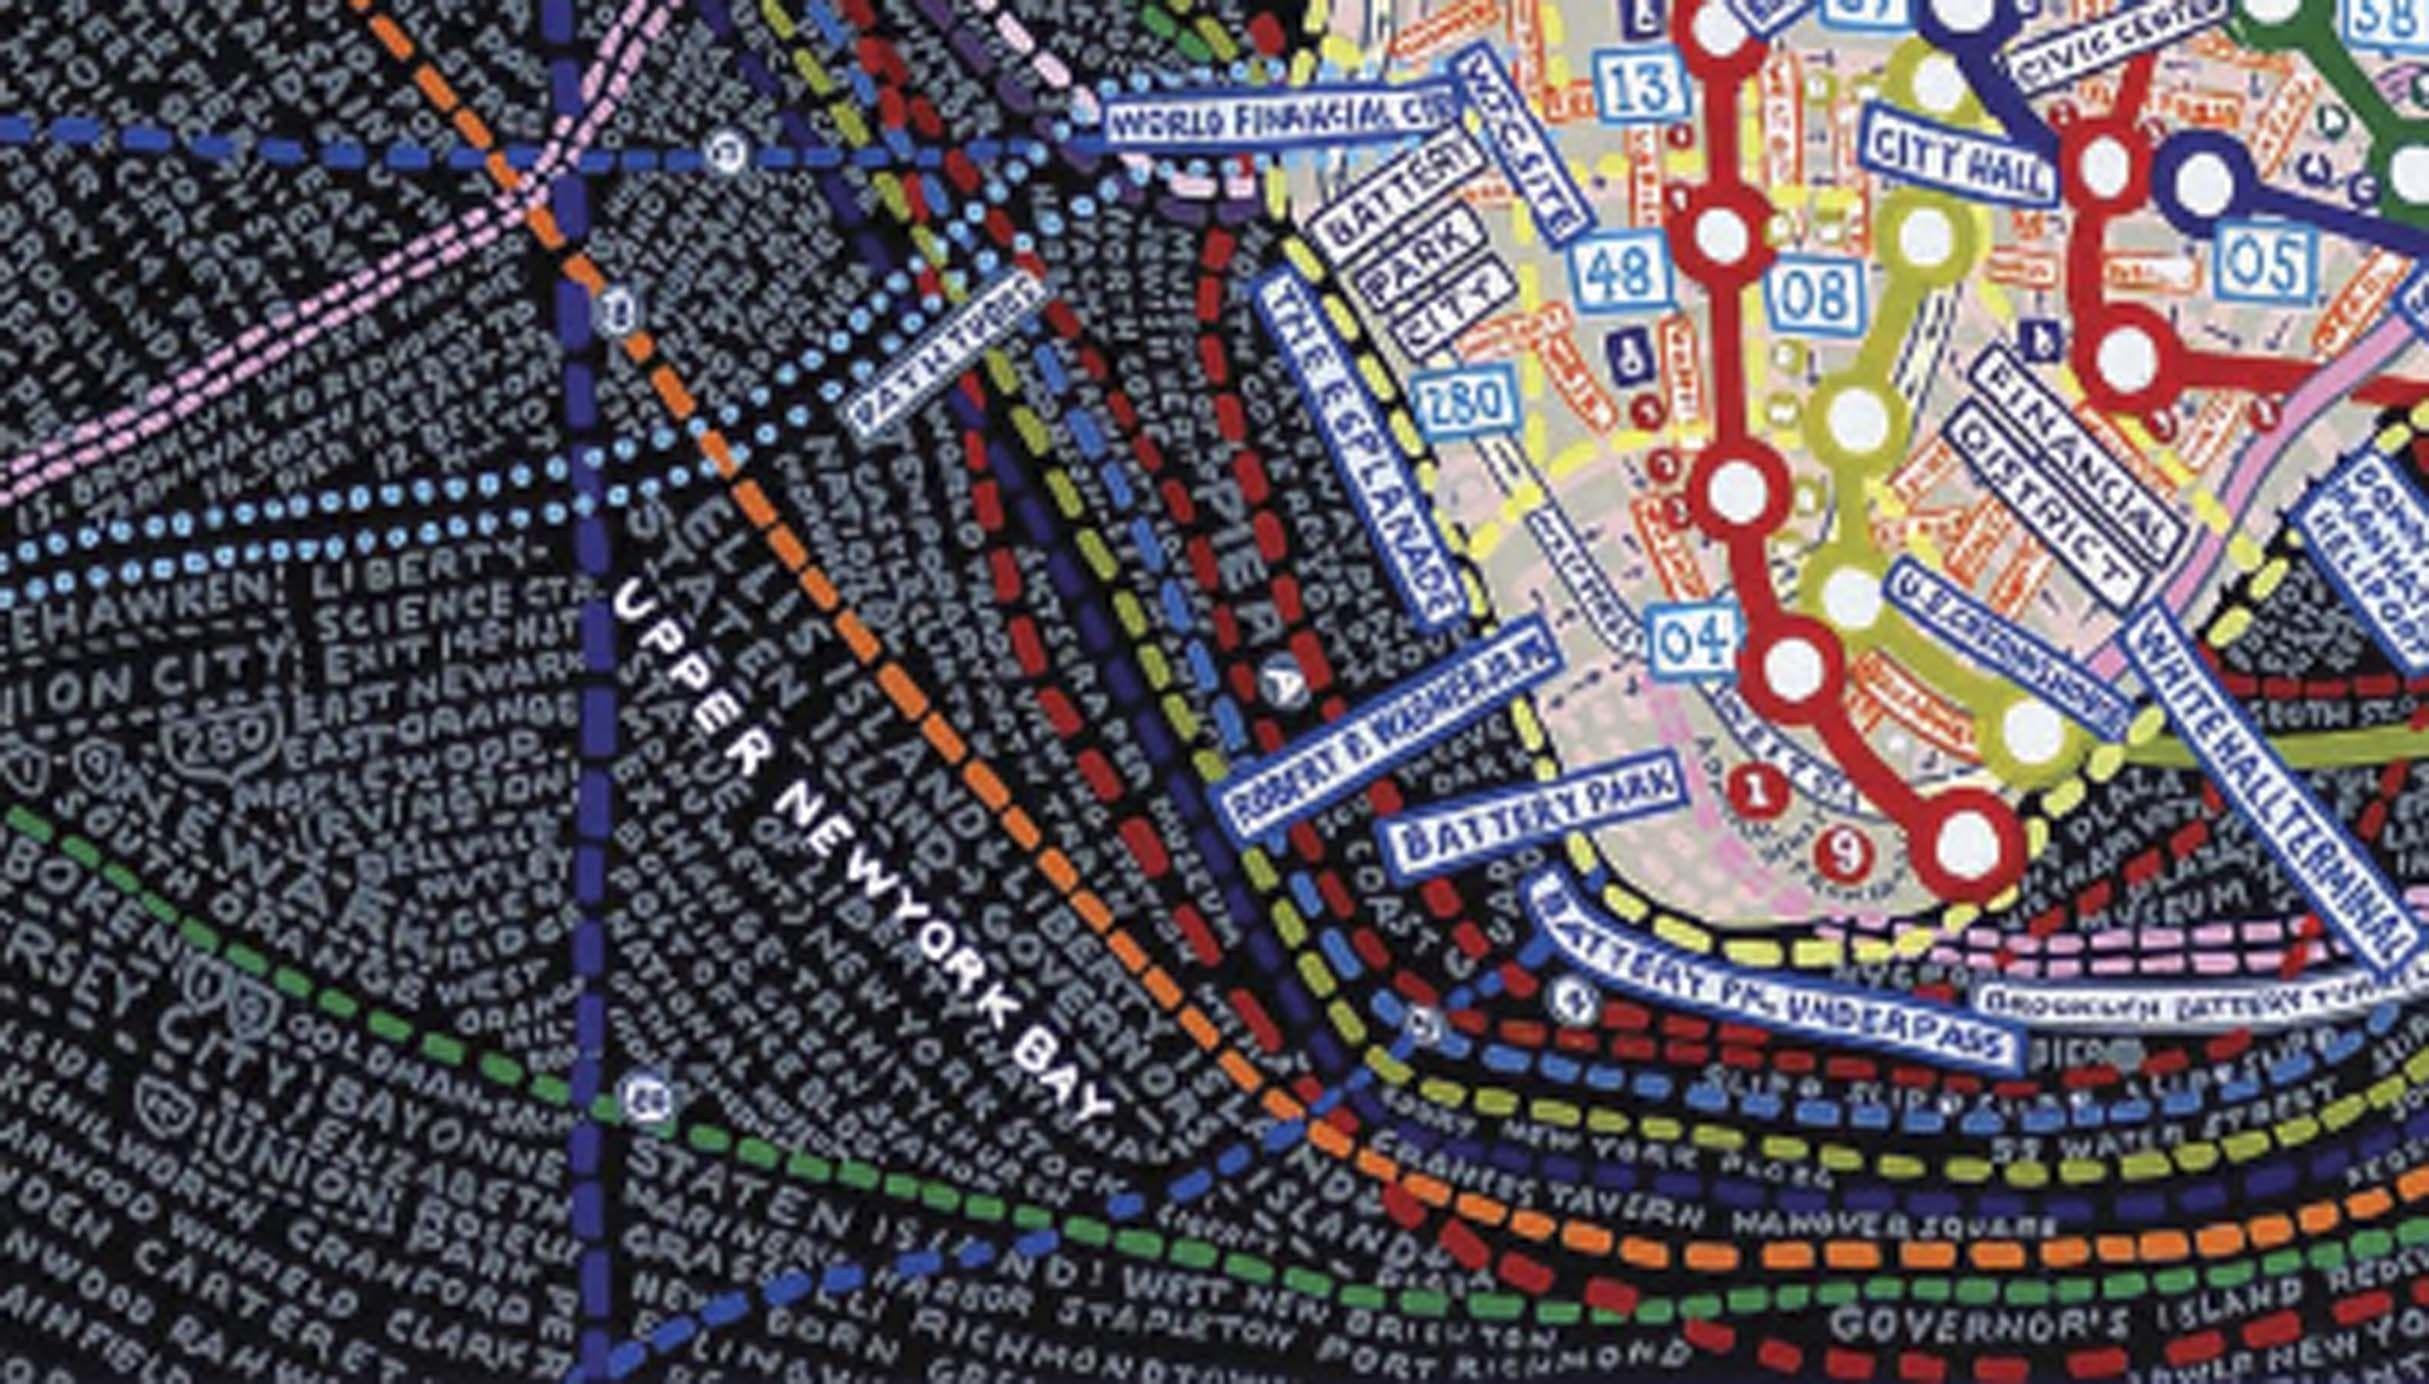 Paula Scher part of her Maps